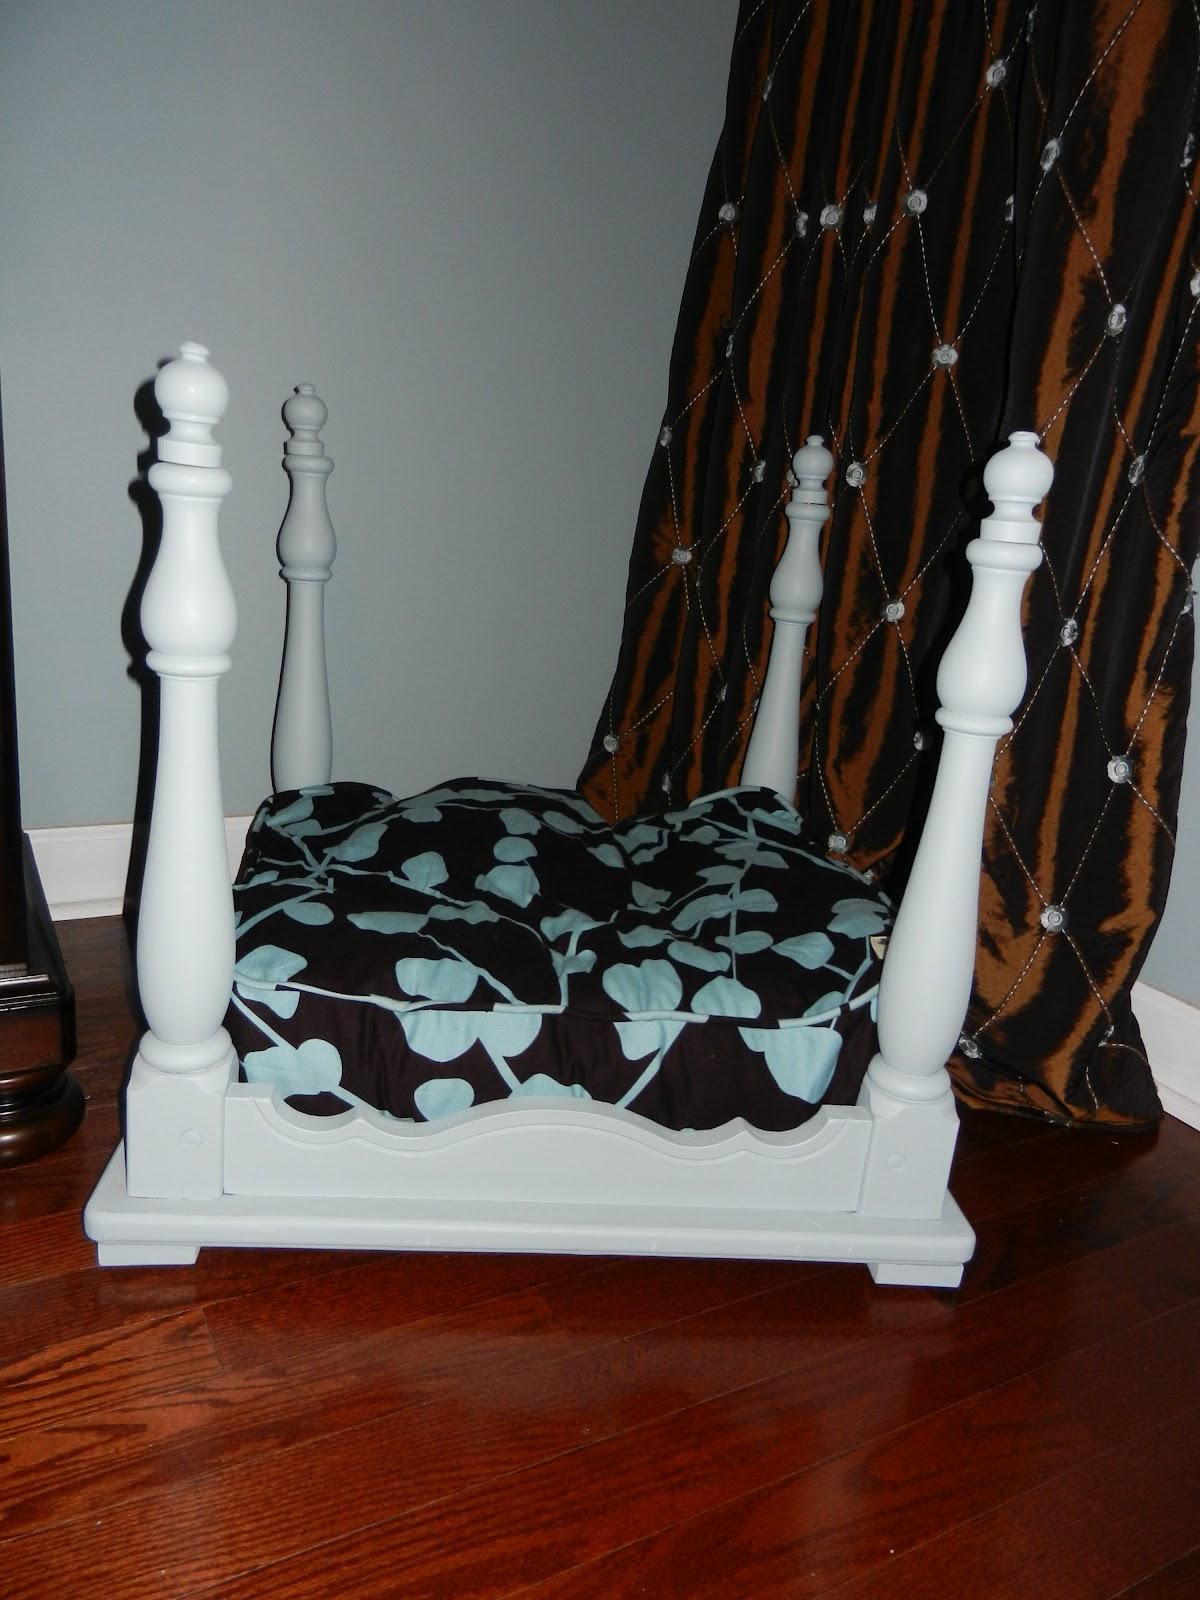 DIY dog bed | Mrs. Esh's Blog